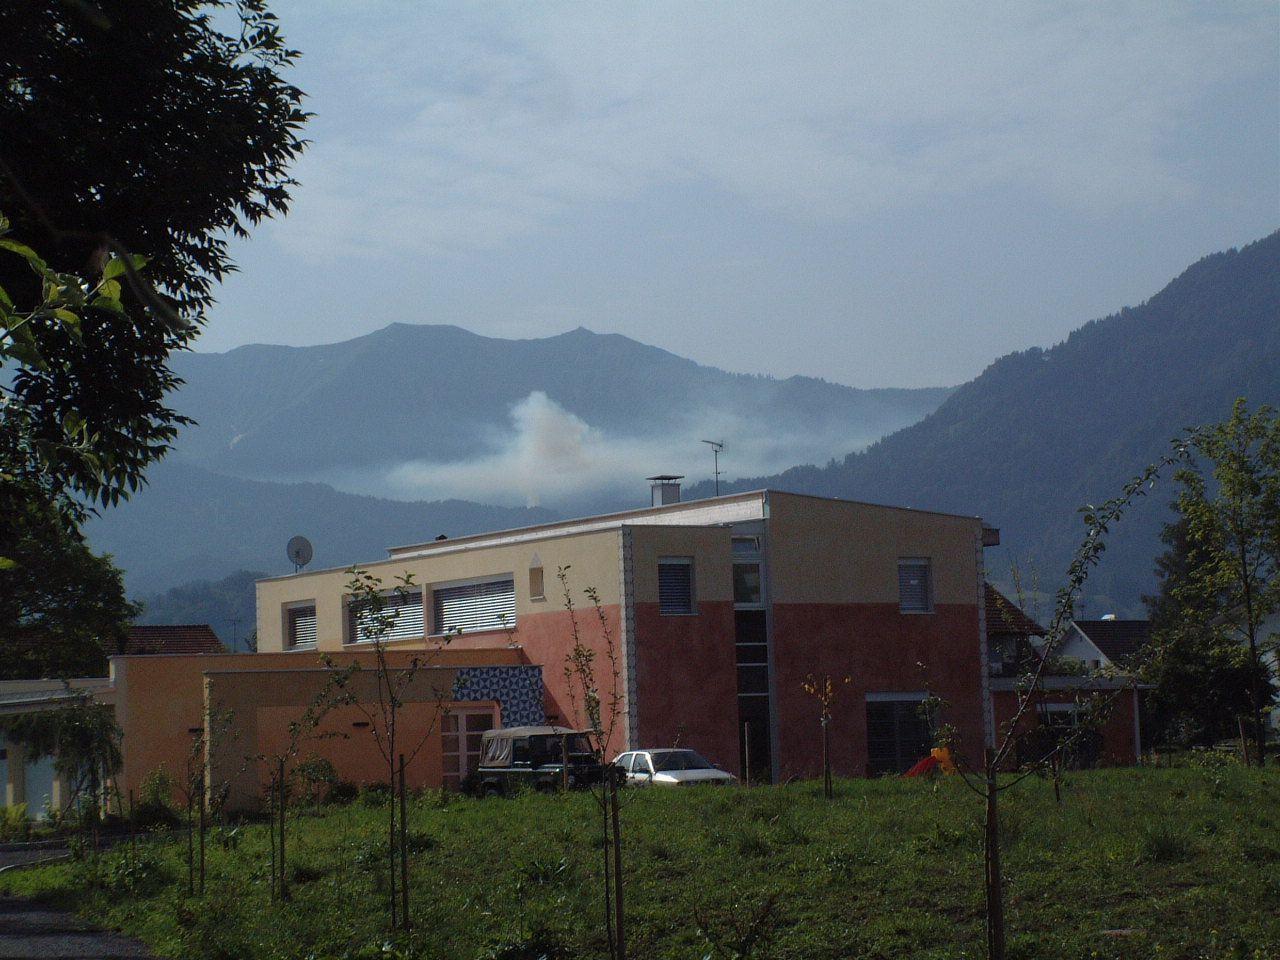 Wolfgang Juen ist dagegen, dass die heimischen Wälder ständigen Rauchschwaden ausgesetzt sind.